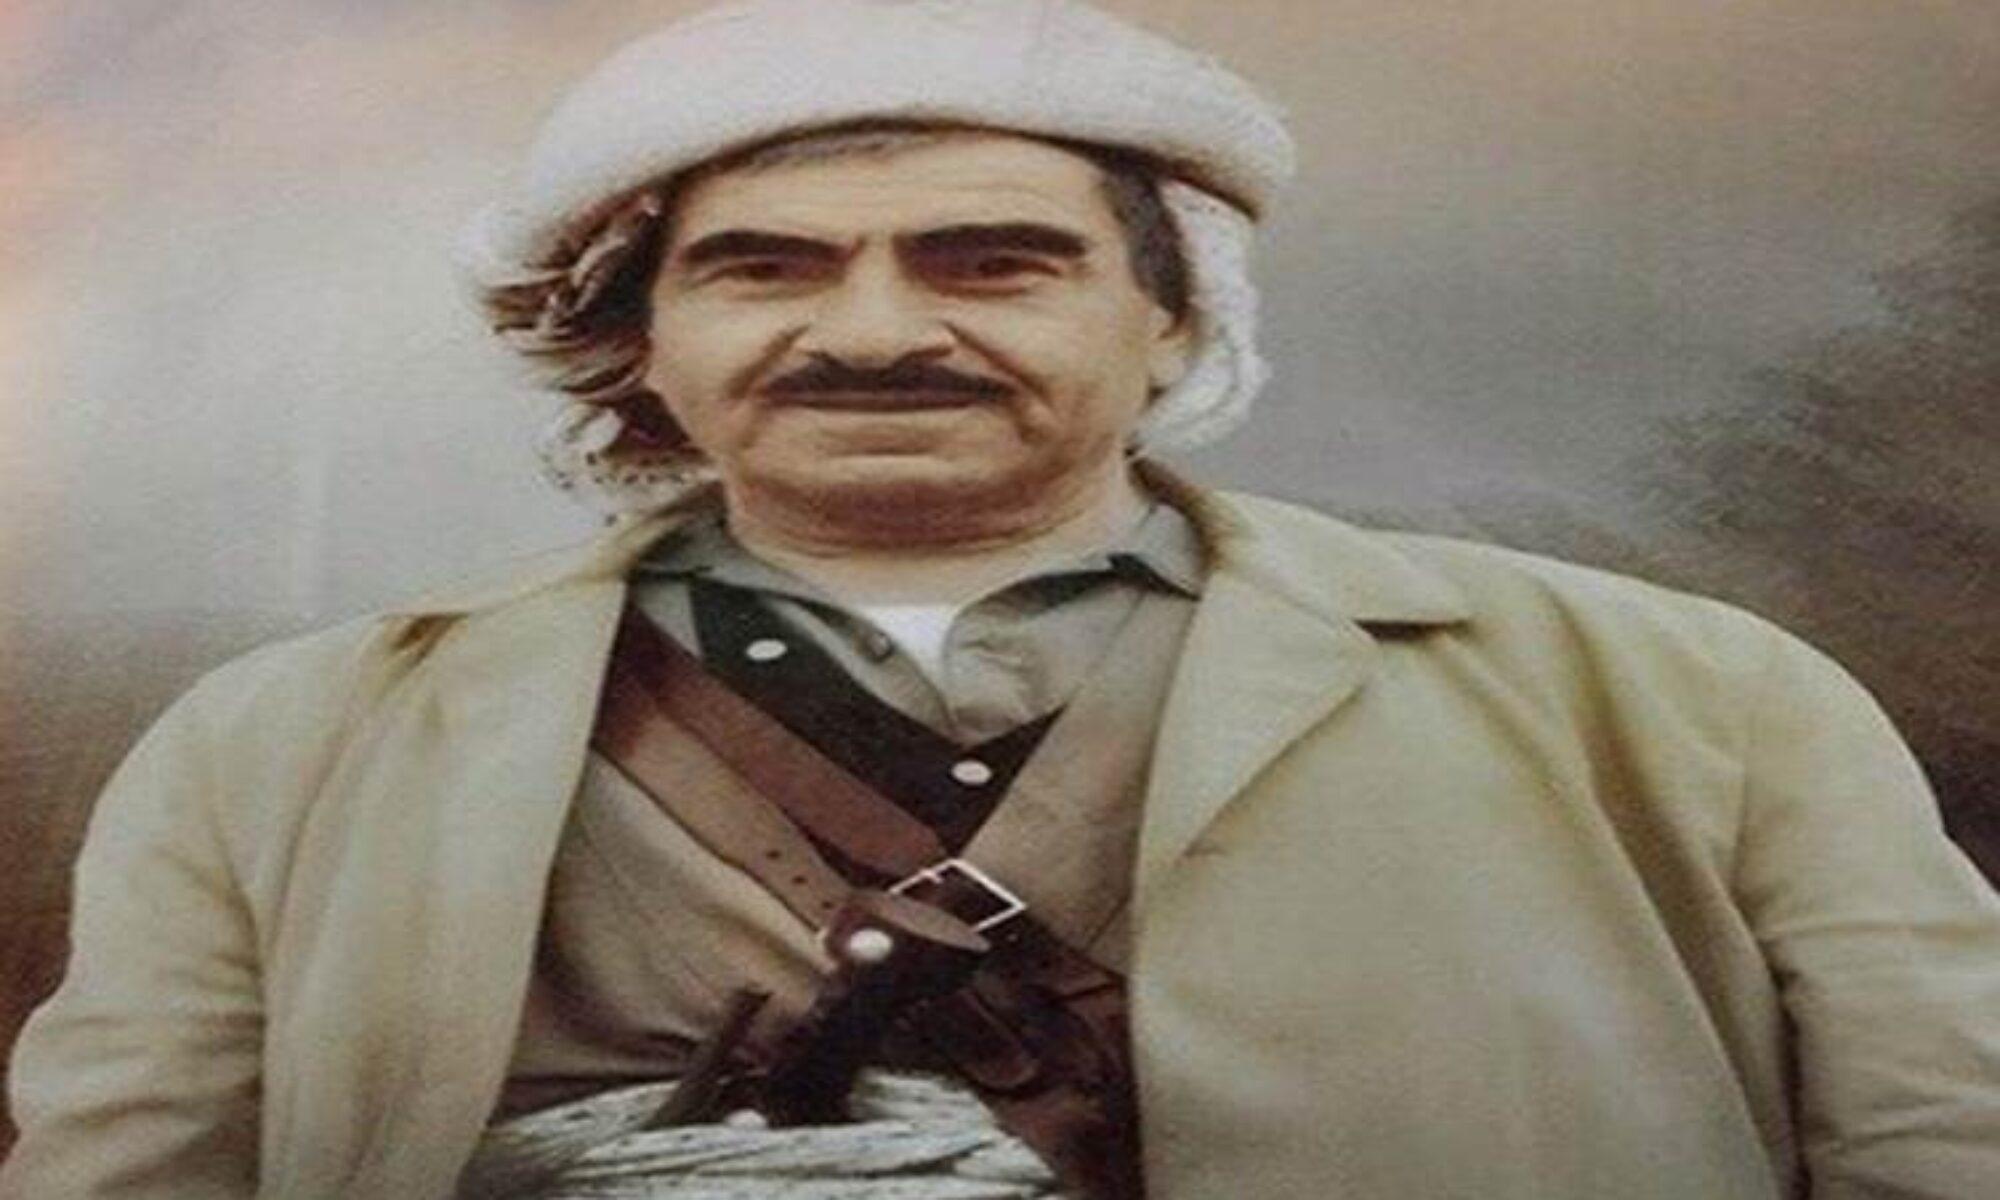 ABD Konsolosluğu'ndan anma mesajı: Bugün Mela Mustafa Barzani'nin yaşamını ve mirasını anıyoruz